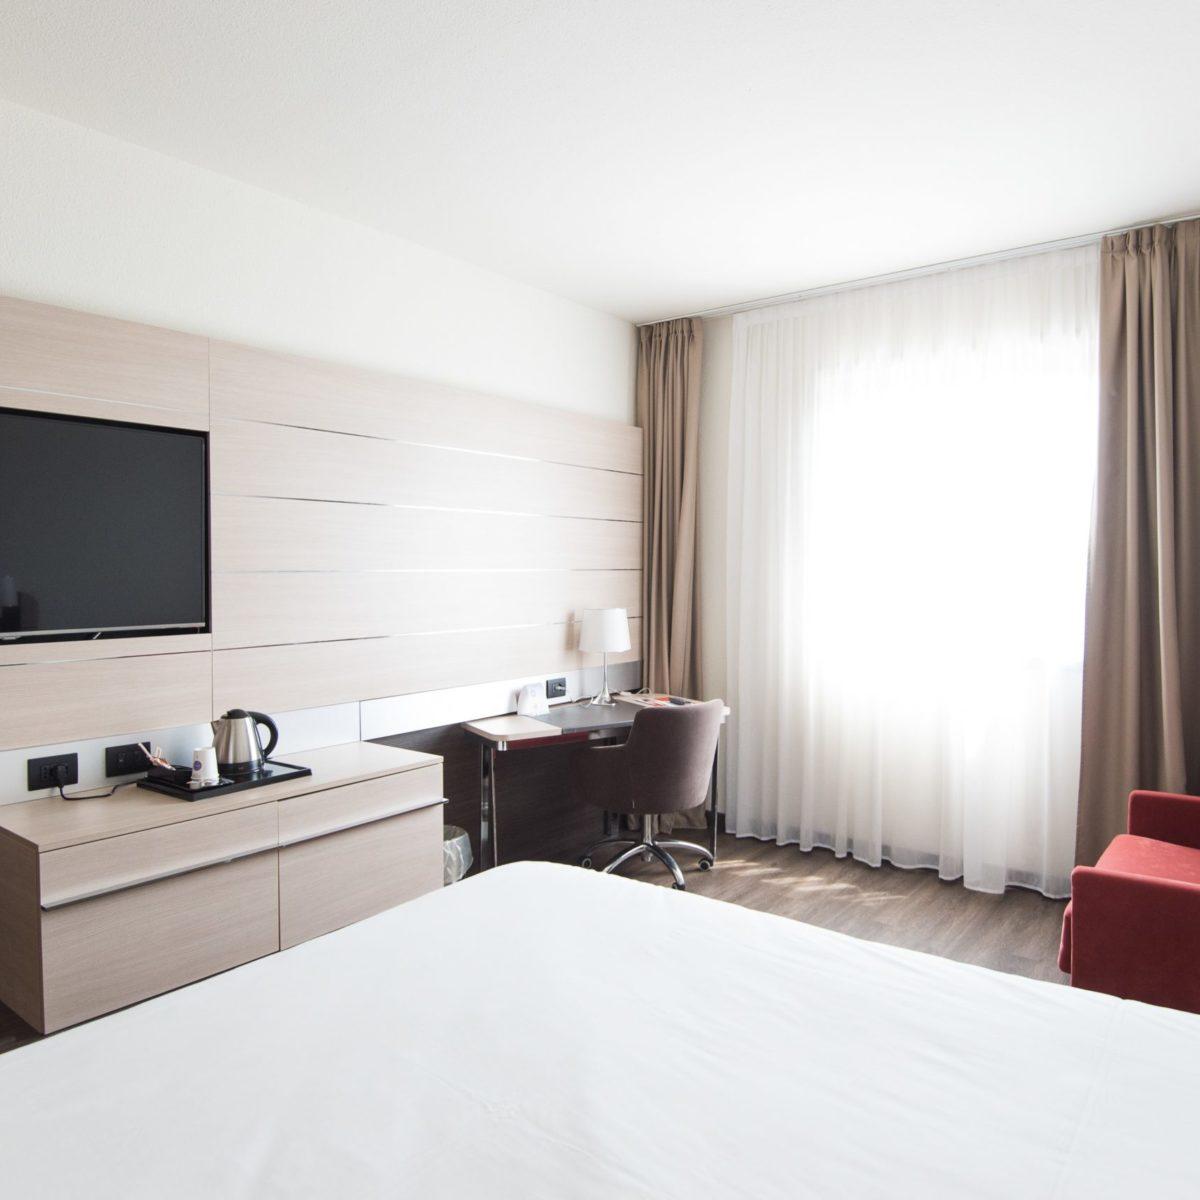 comydo_tourism_hotel_room